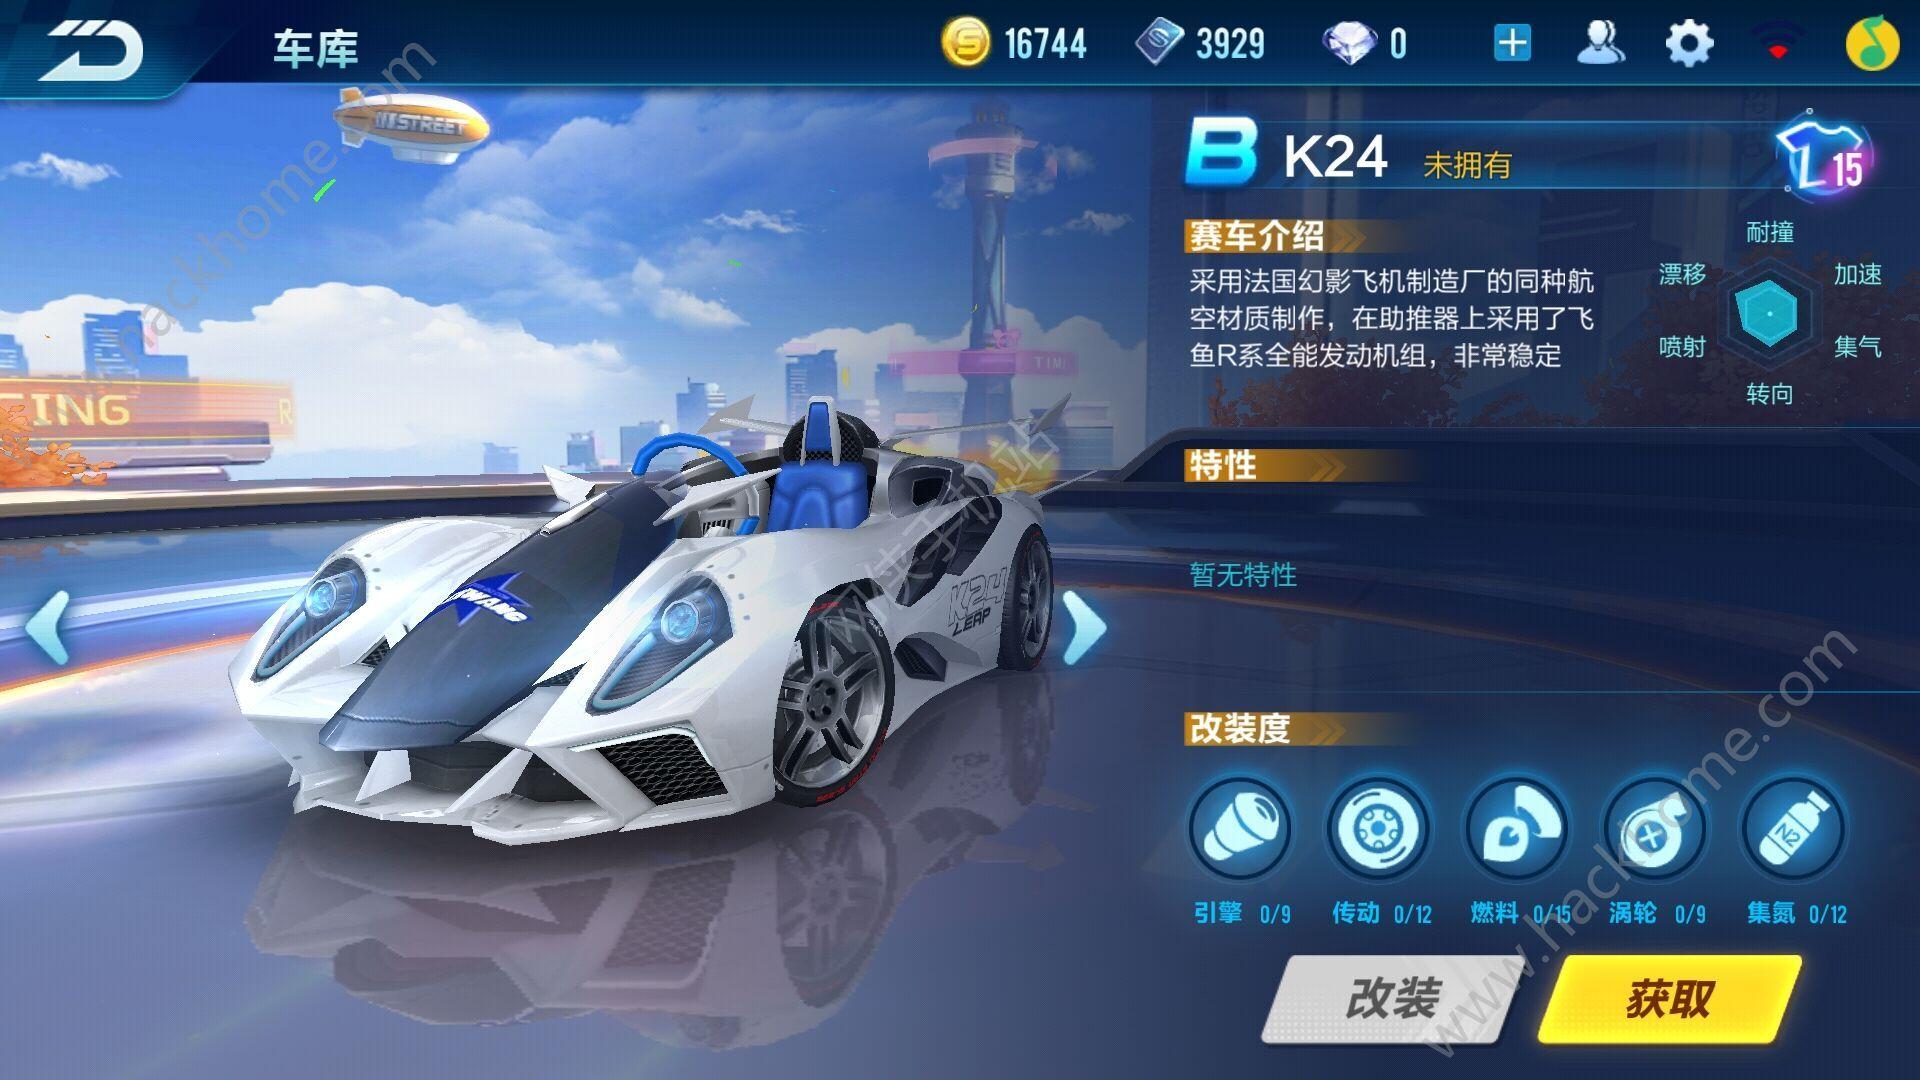 QQ飞车手游B车排行榜 B车最新排名[多图]图片1